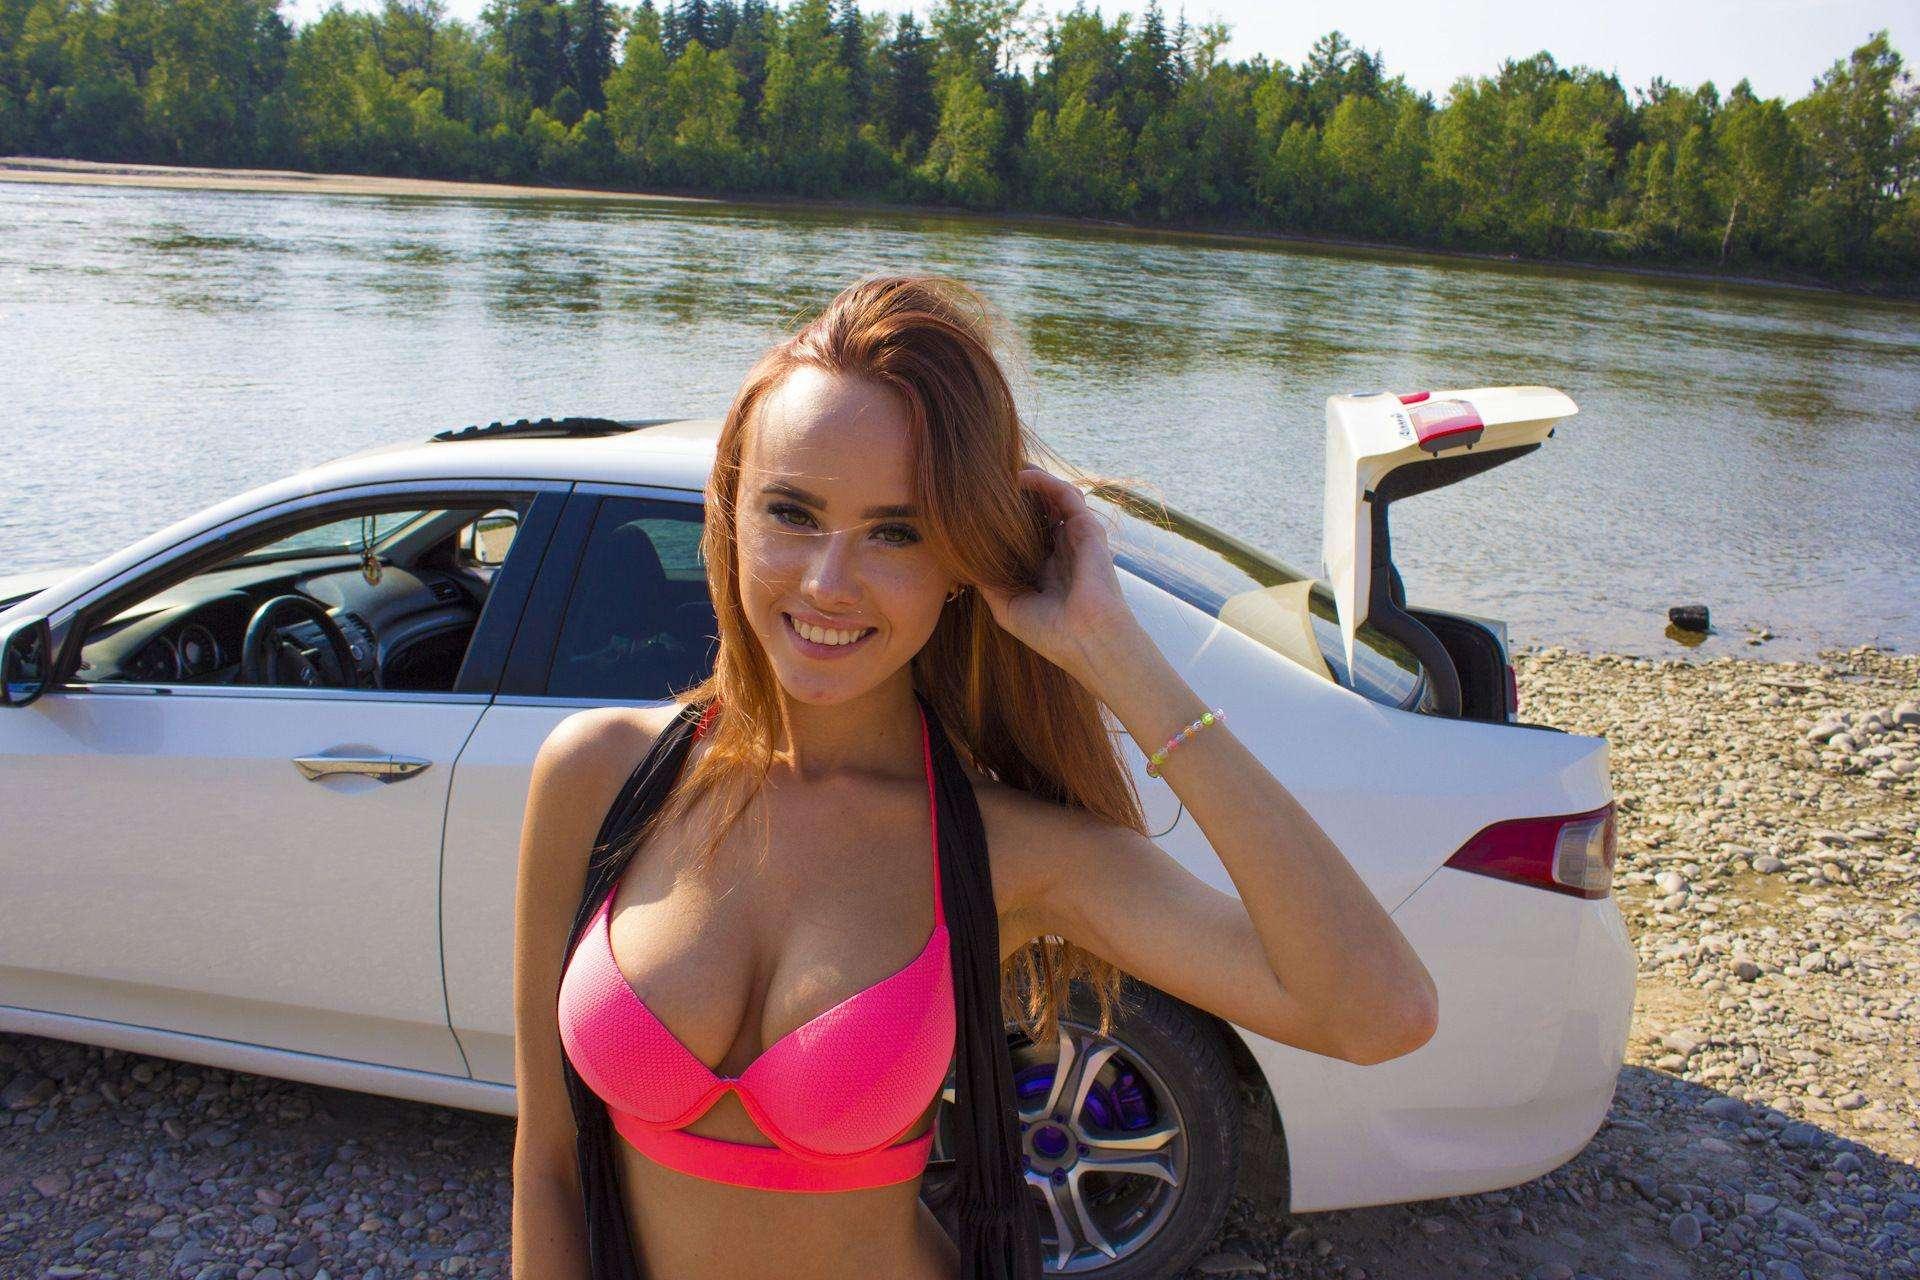 043 - Сексуальные девушки и автомобили (часть 17)